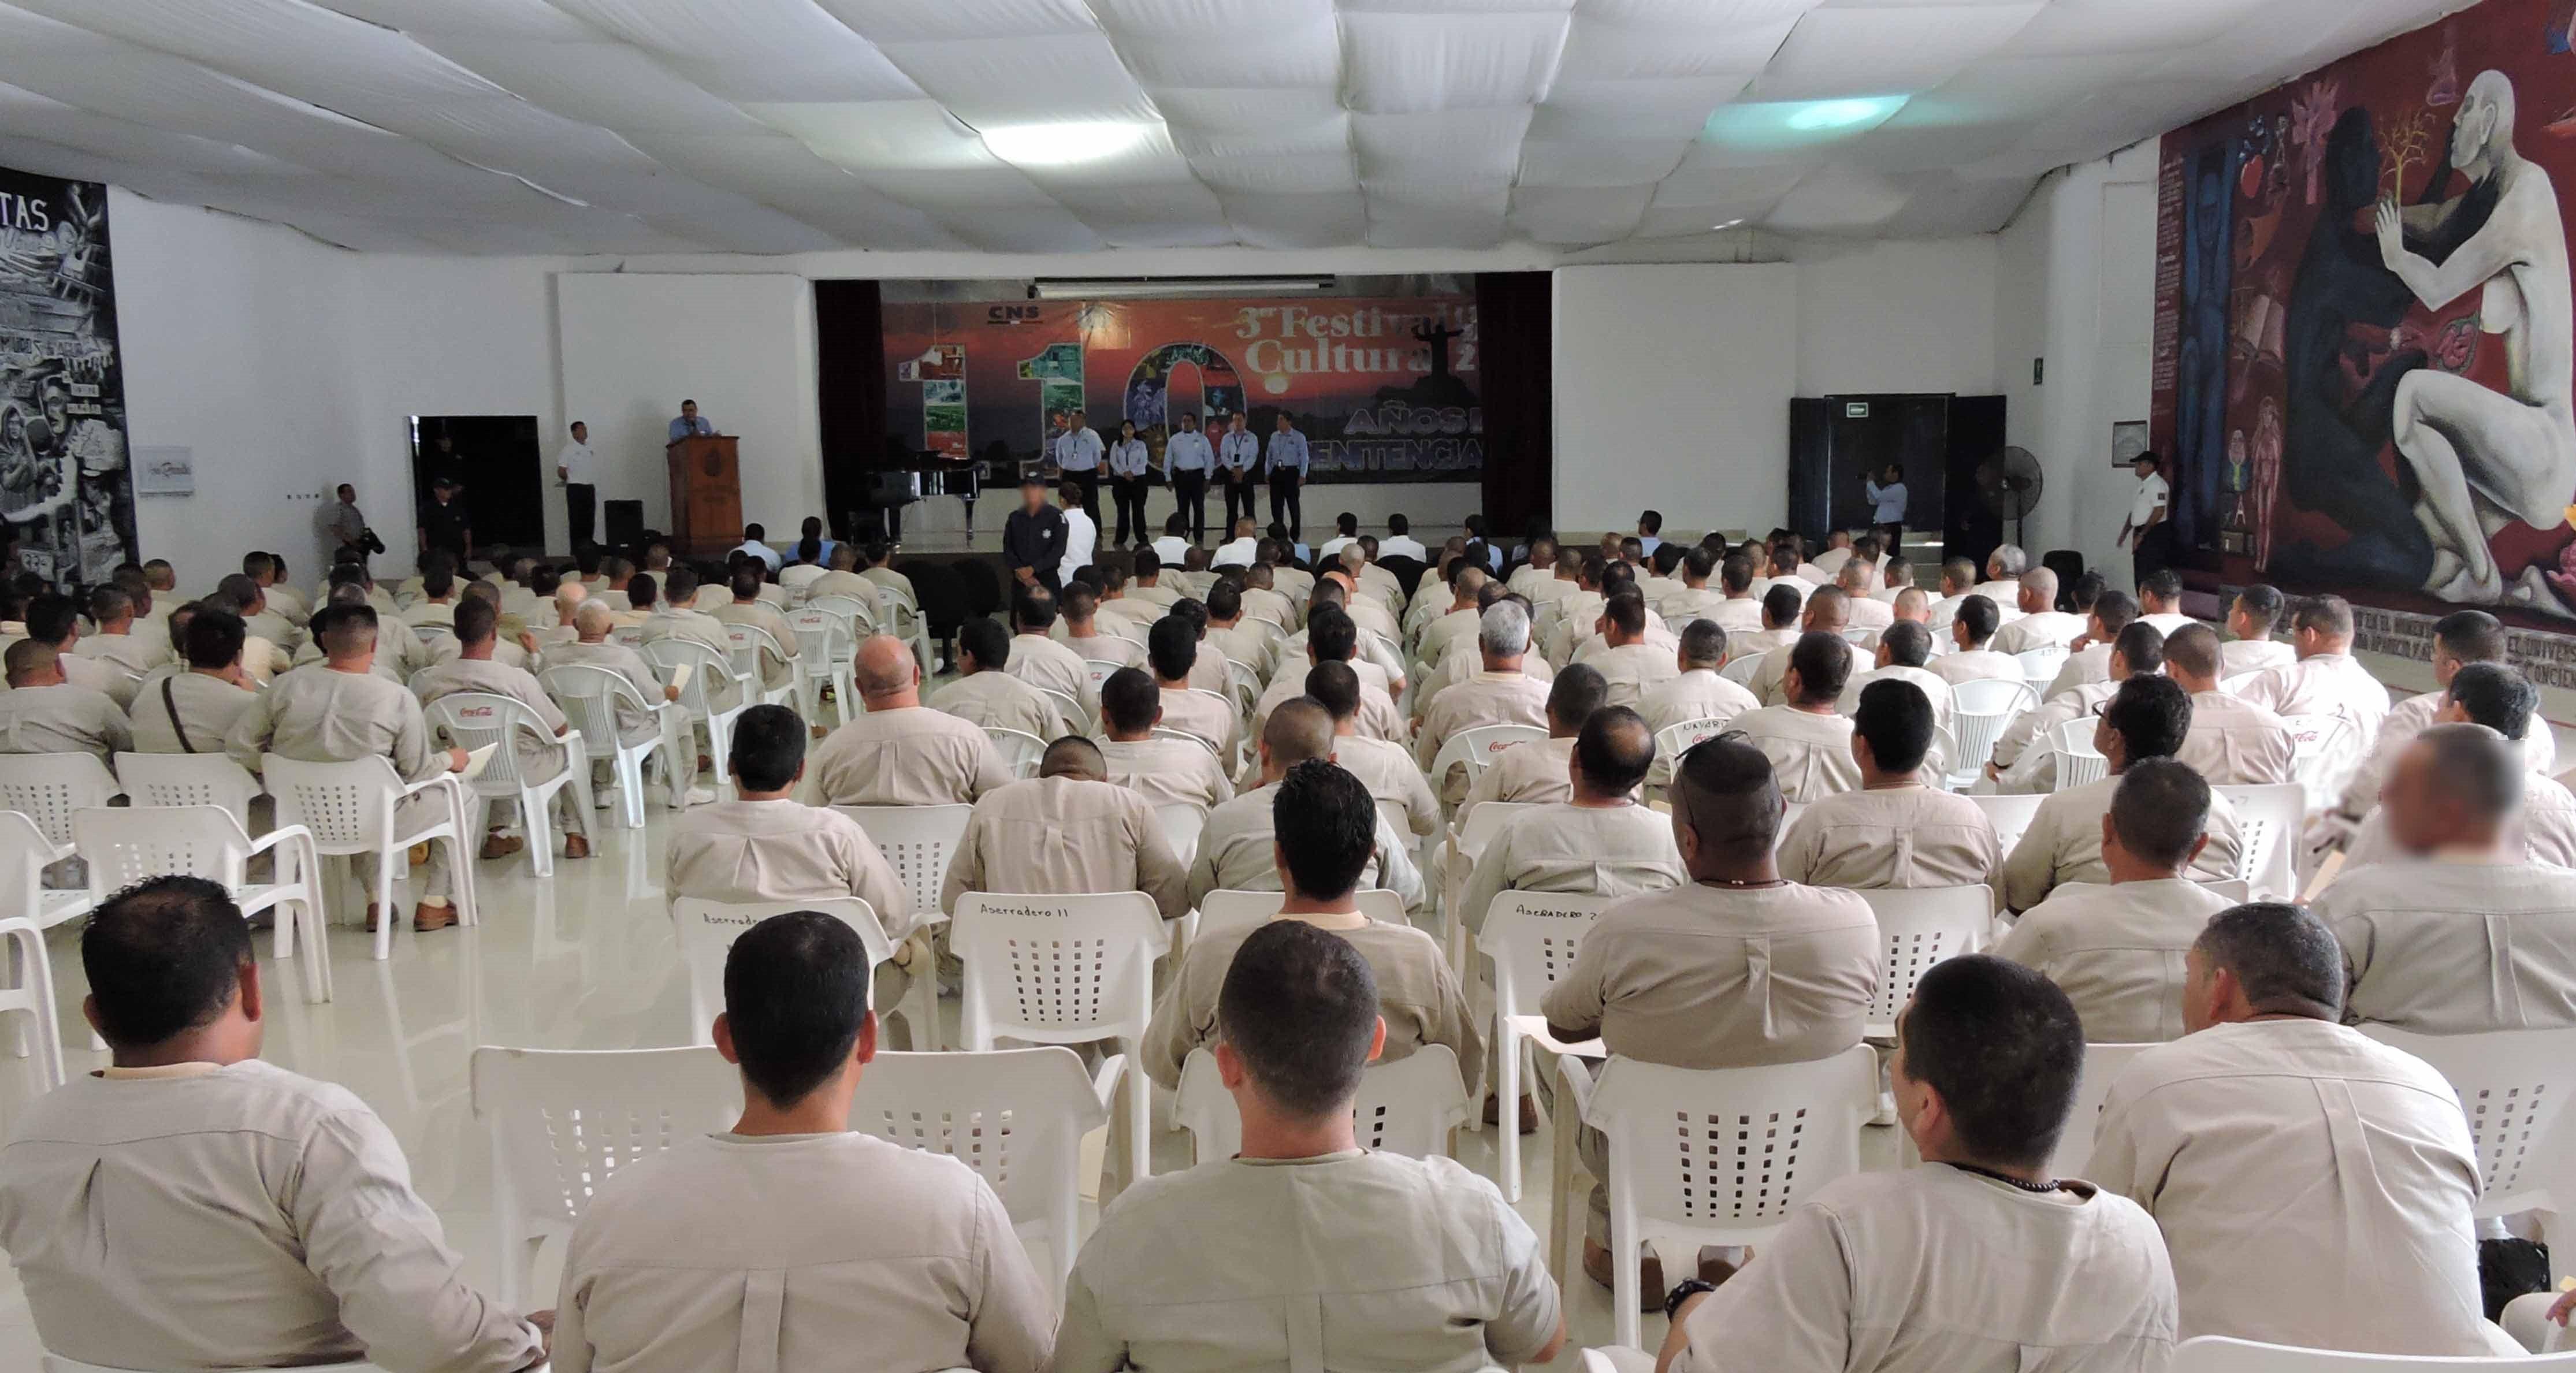 En el marco de la conmemoración de los 111 años de historia penitenciaria de este Complejo, la Comisión Nacional de Seguridad, a través del OADPRS, entregó constancias a cada uno de los internos, quienes acreditaron sus estudios